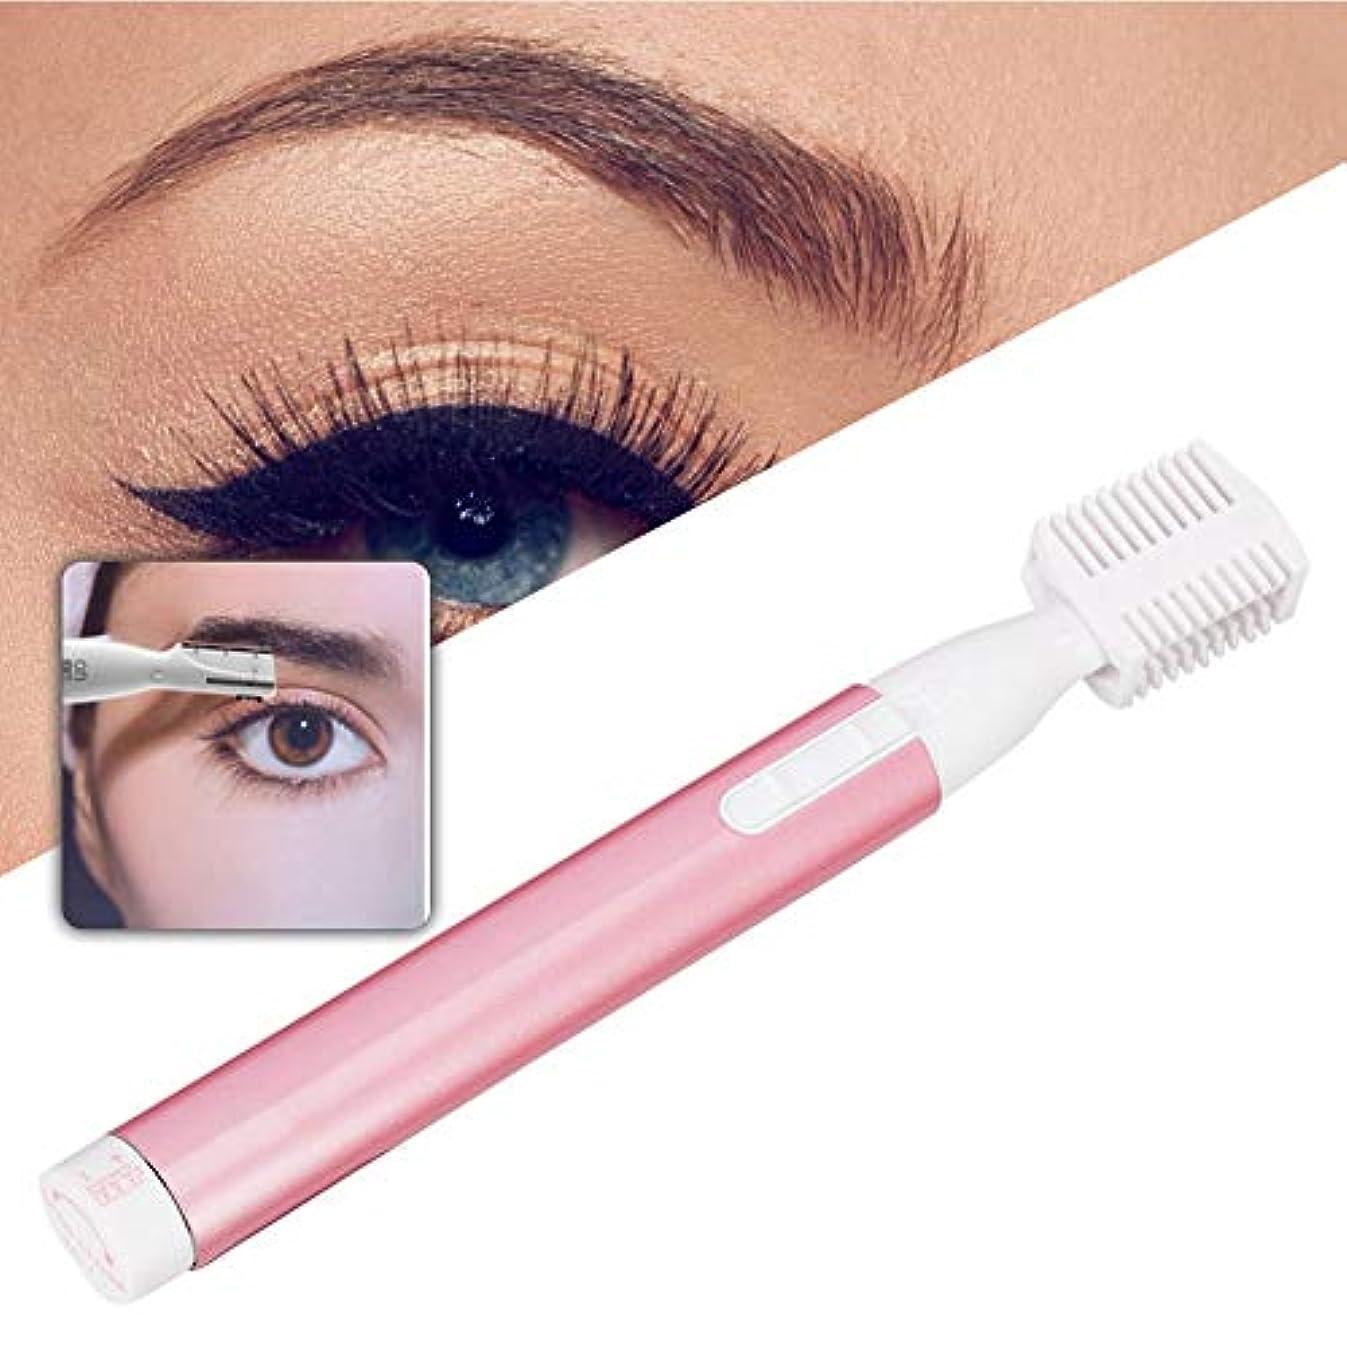 血統懐超音速女性 顔の毛の除去剤 携帯用 電気顔 毛の除去剤 眉毛のトリマーシェーバー用具